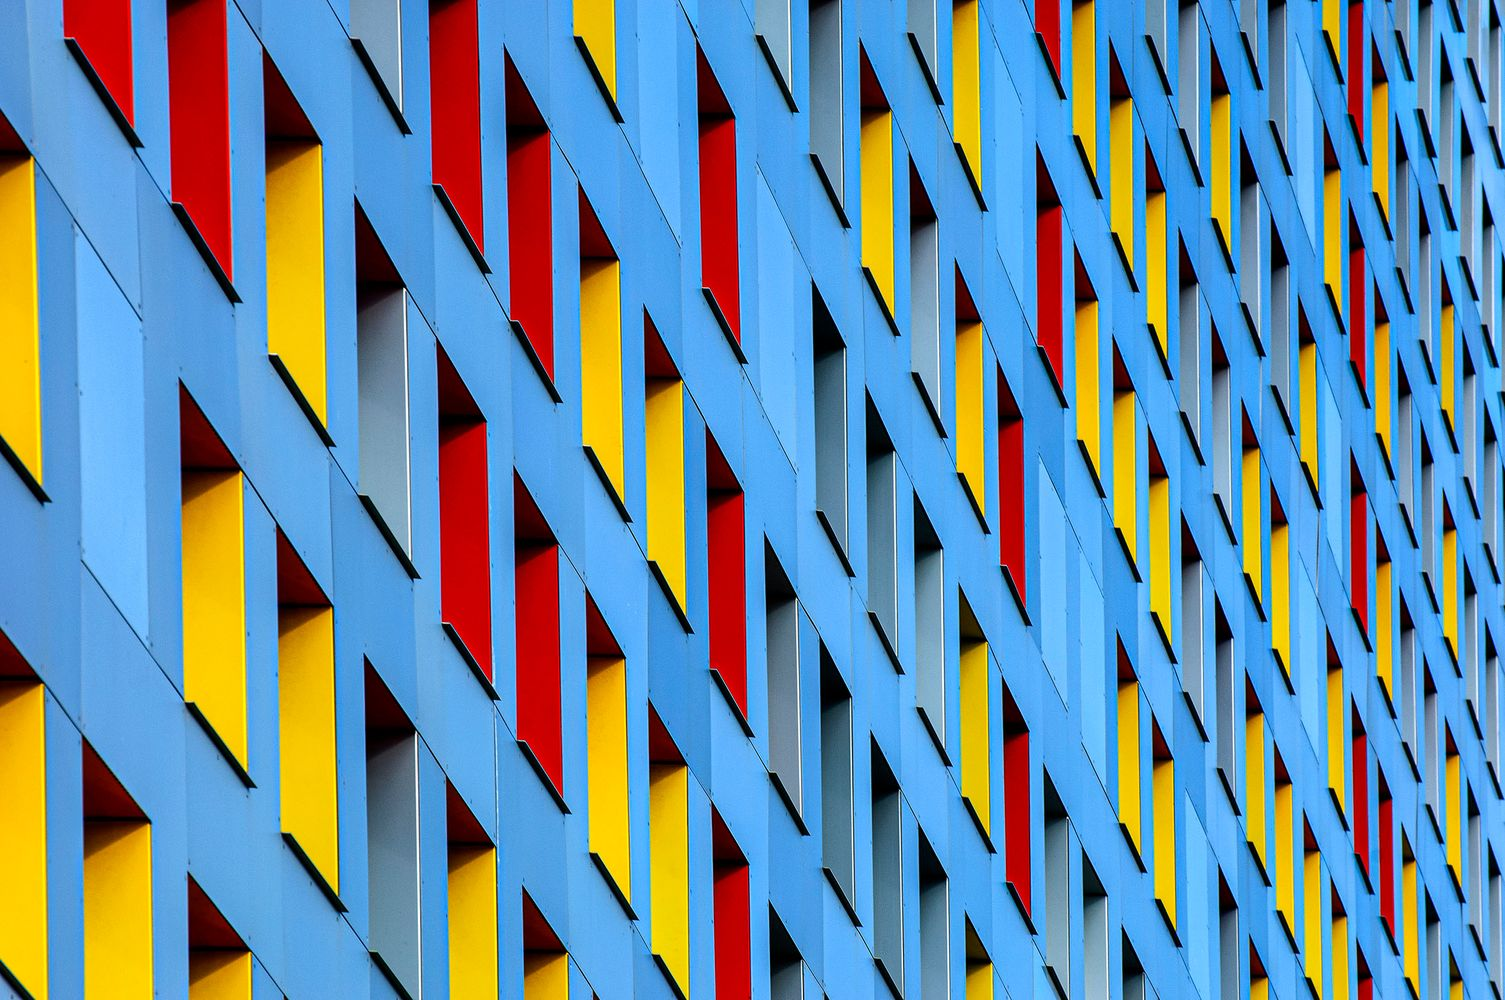 Color Grid